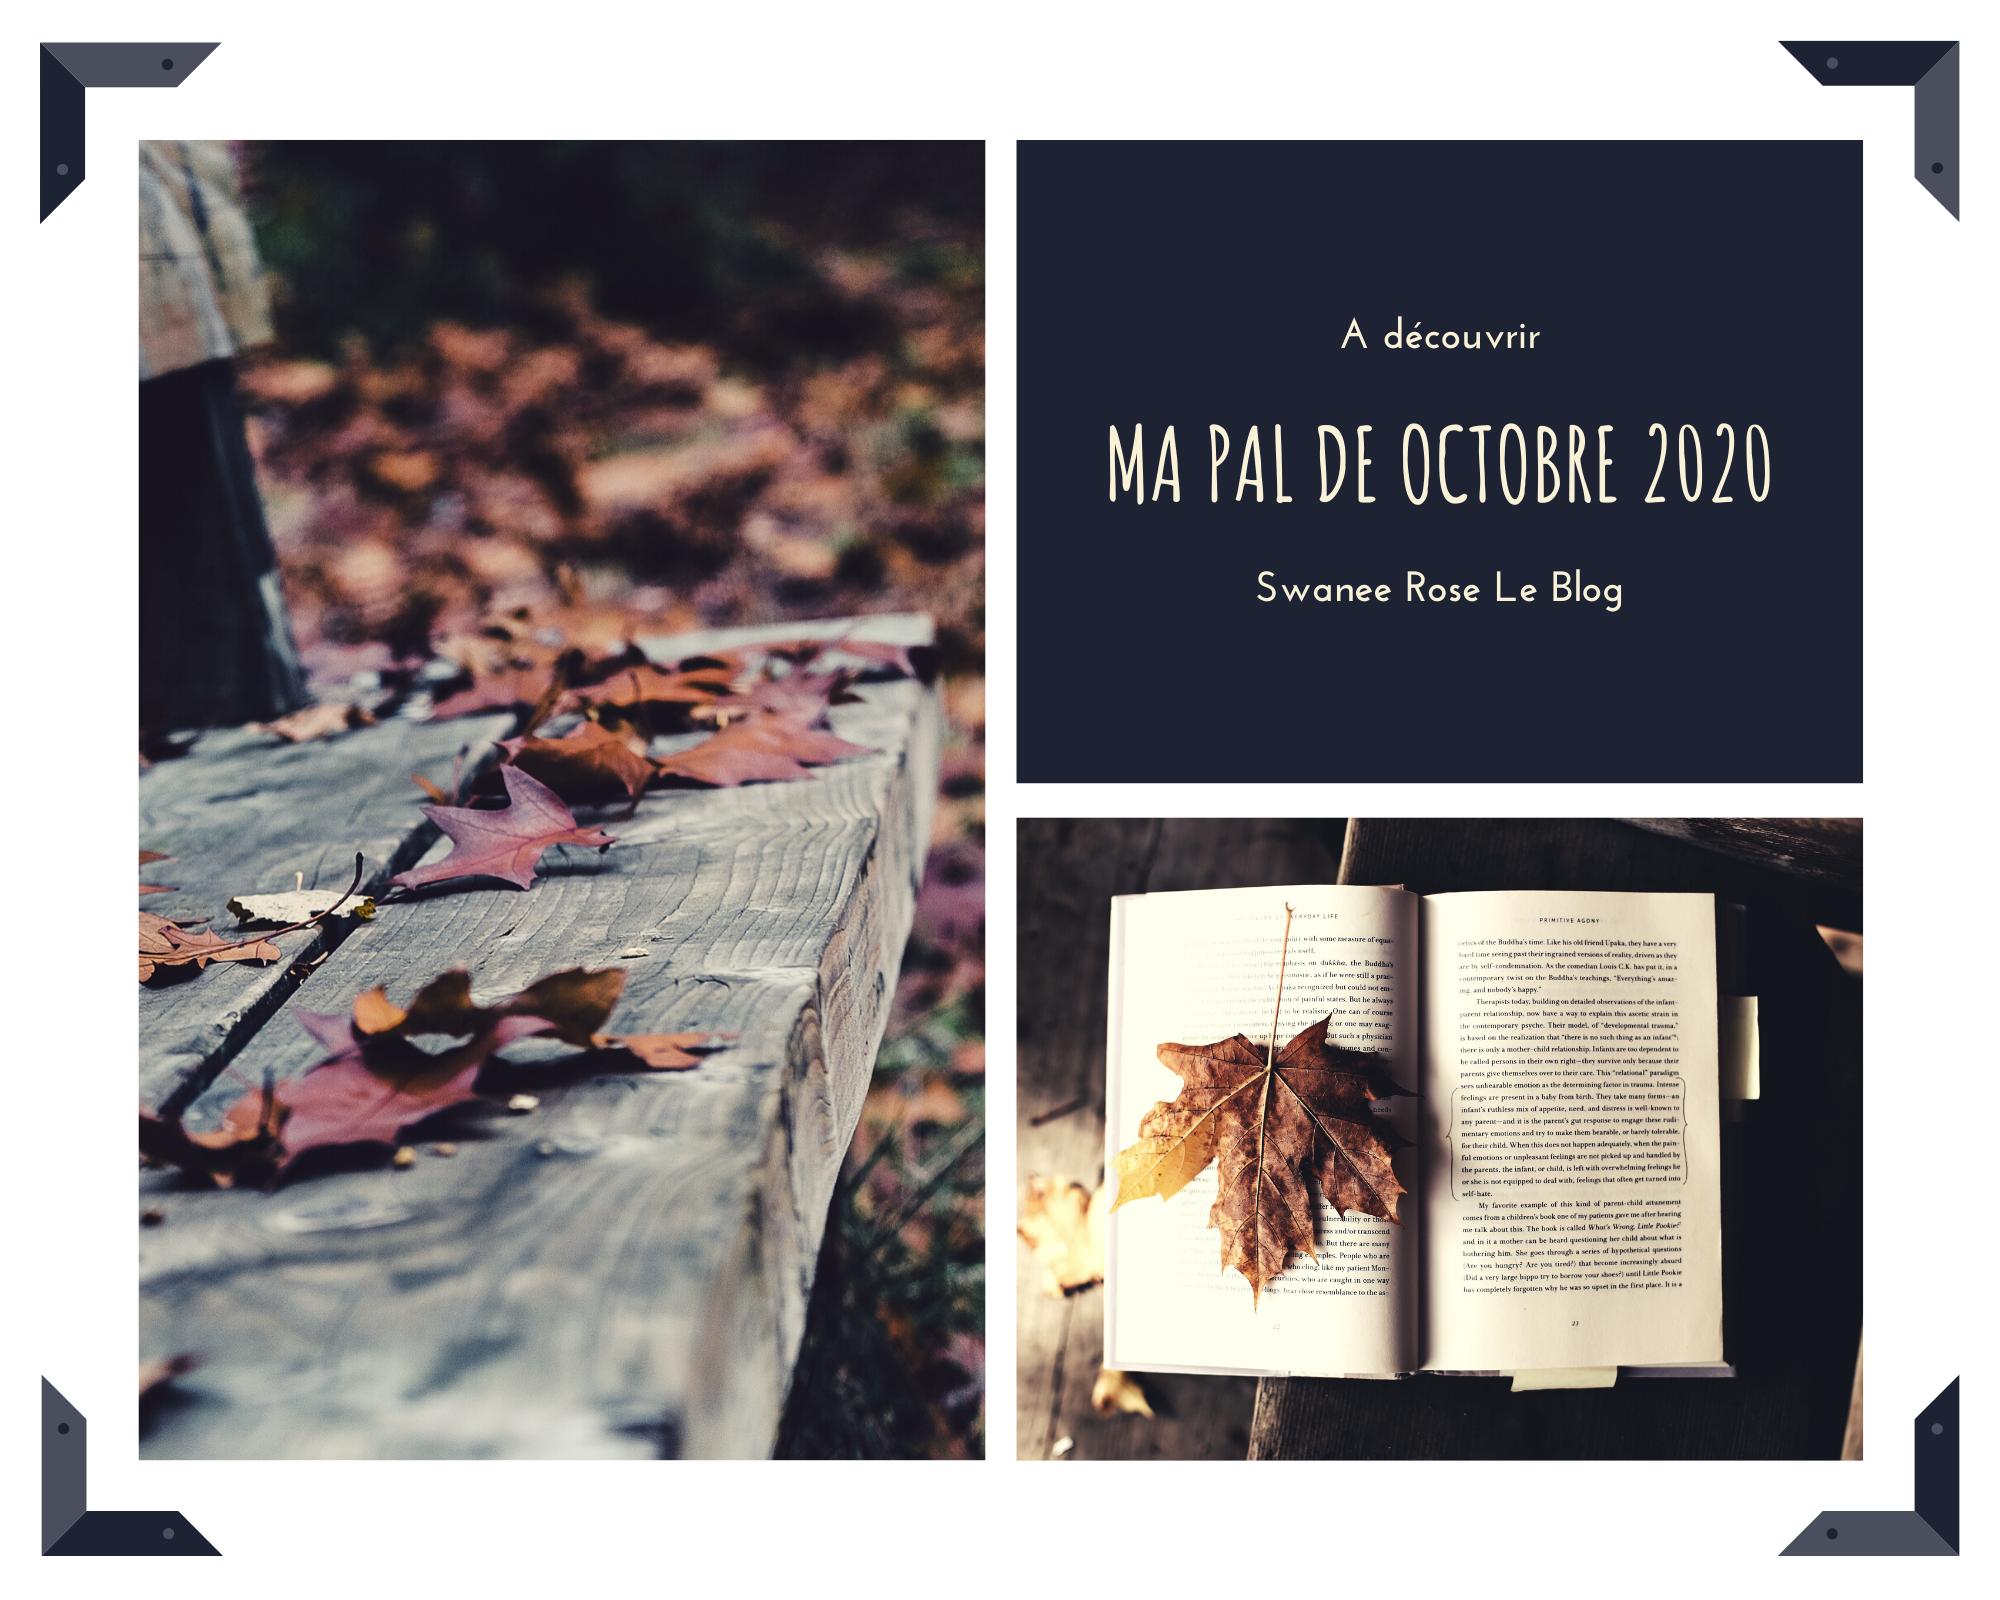 Ma PAL d'octobre 2020 sur Swanee Rose Le Blog